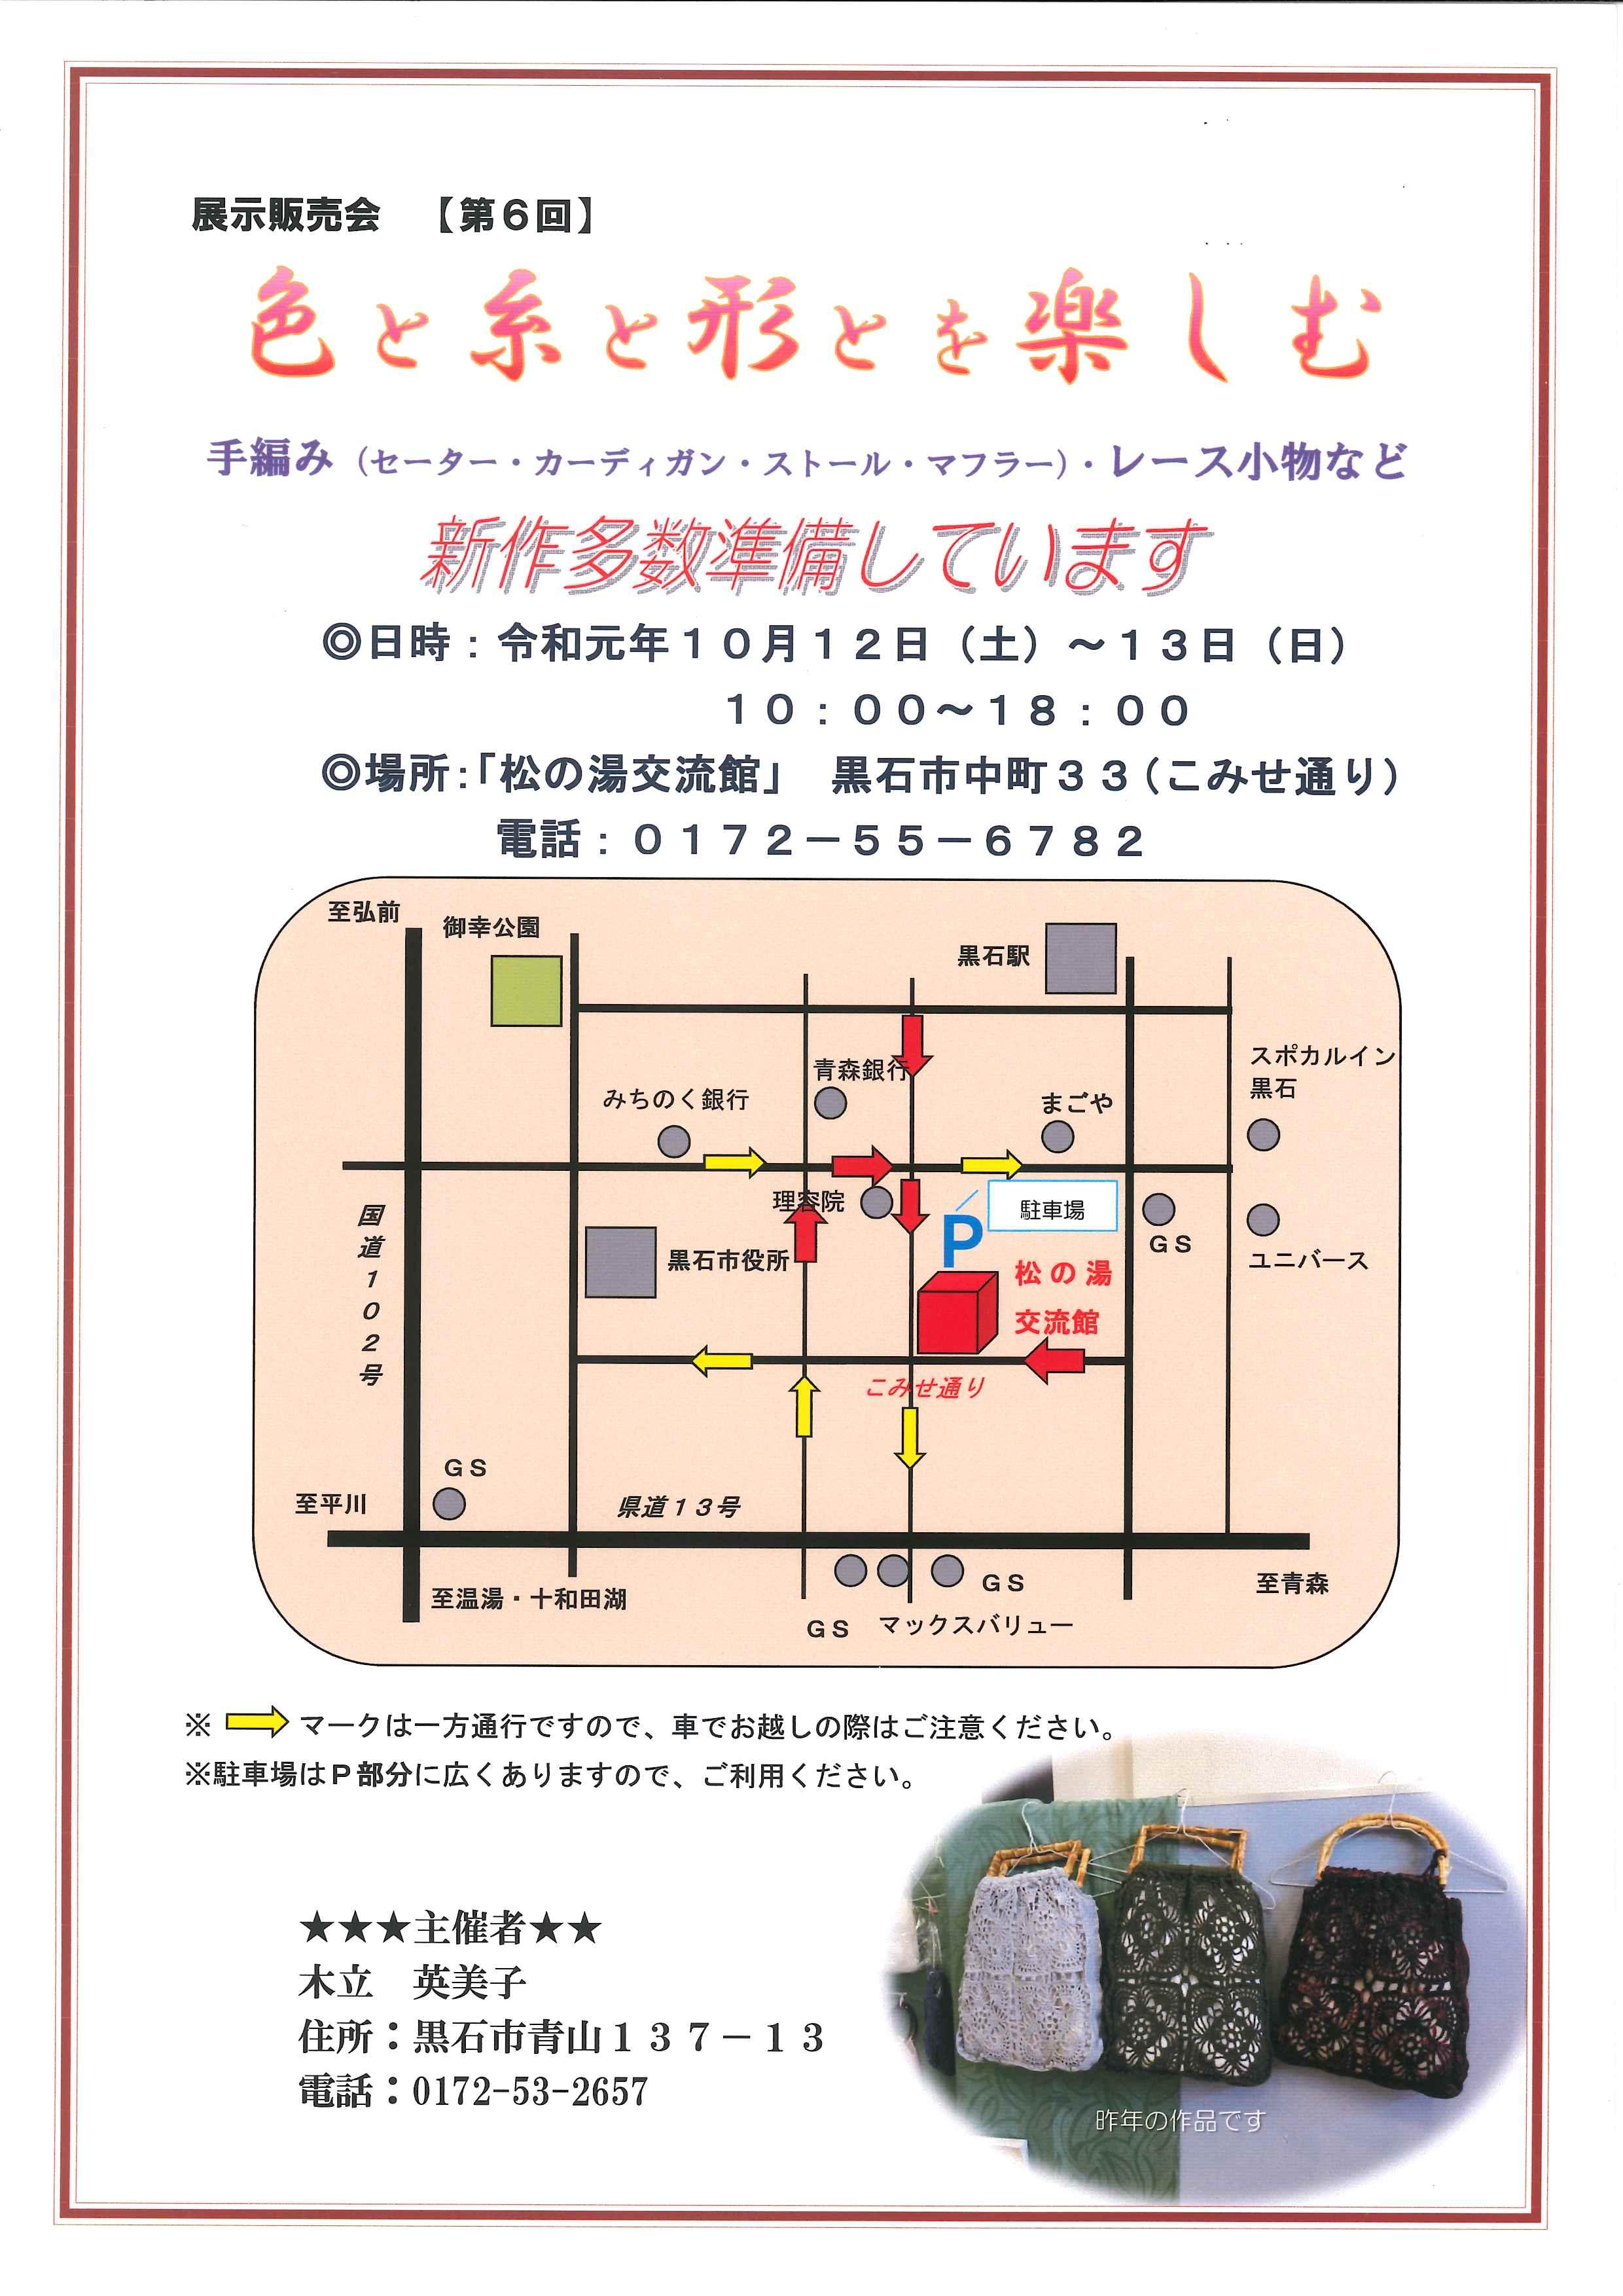 手編み・レース小物展示販売会 10/12(土)13(日)